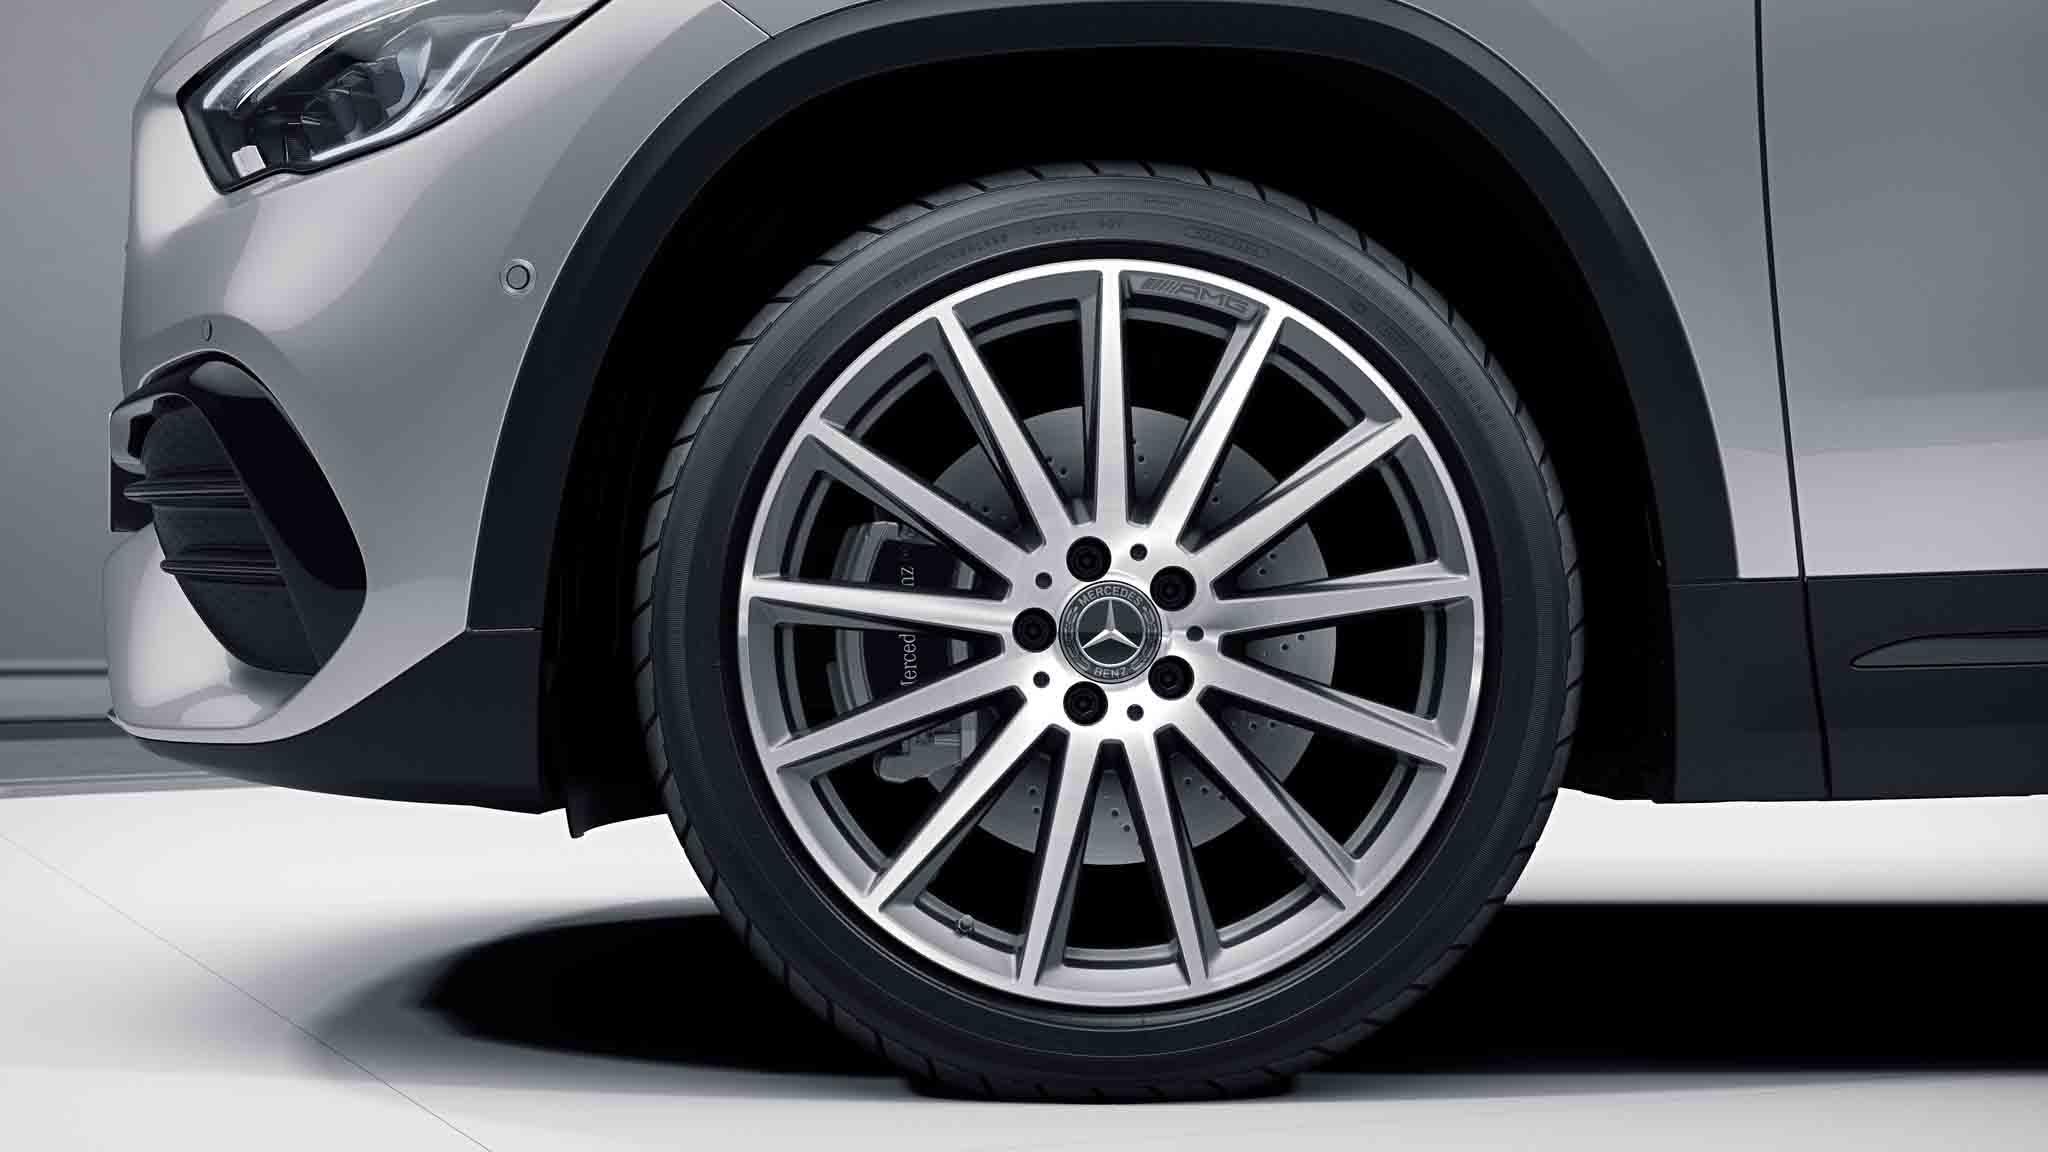 Jantes AMG 20 multibranches de la Mercedes-Benz GLA